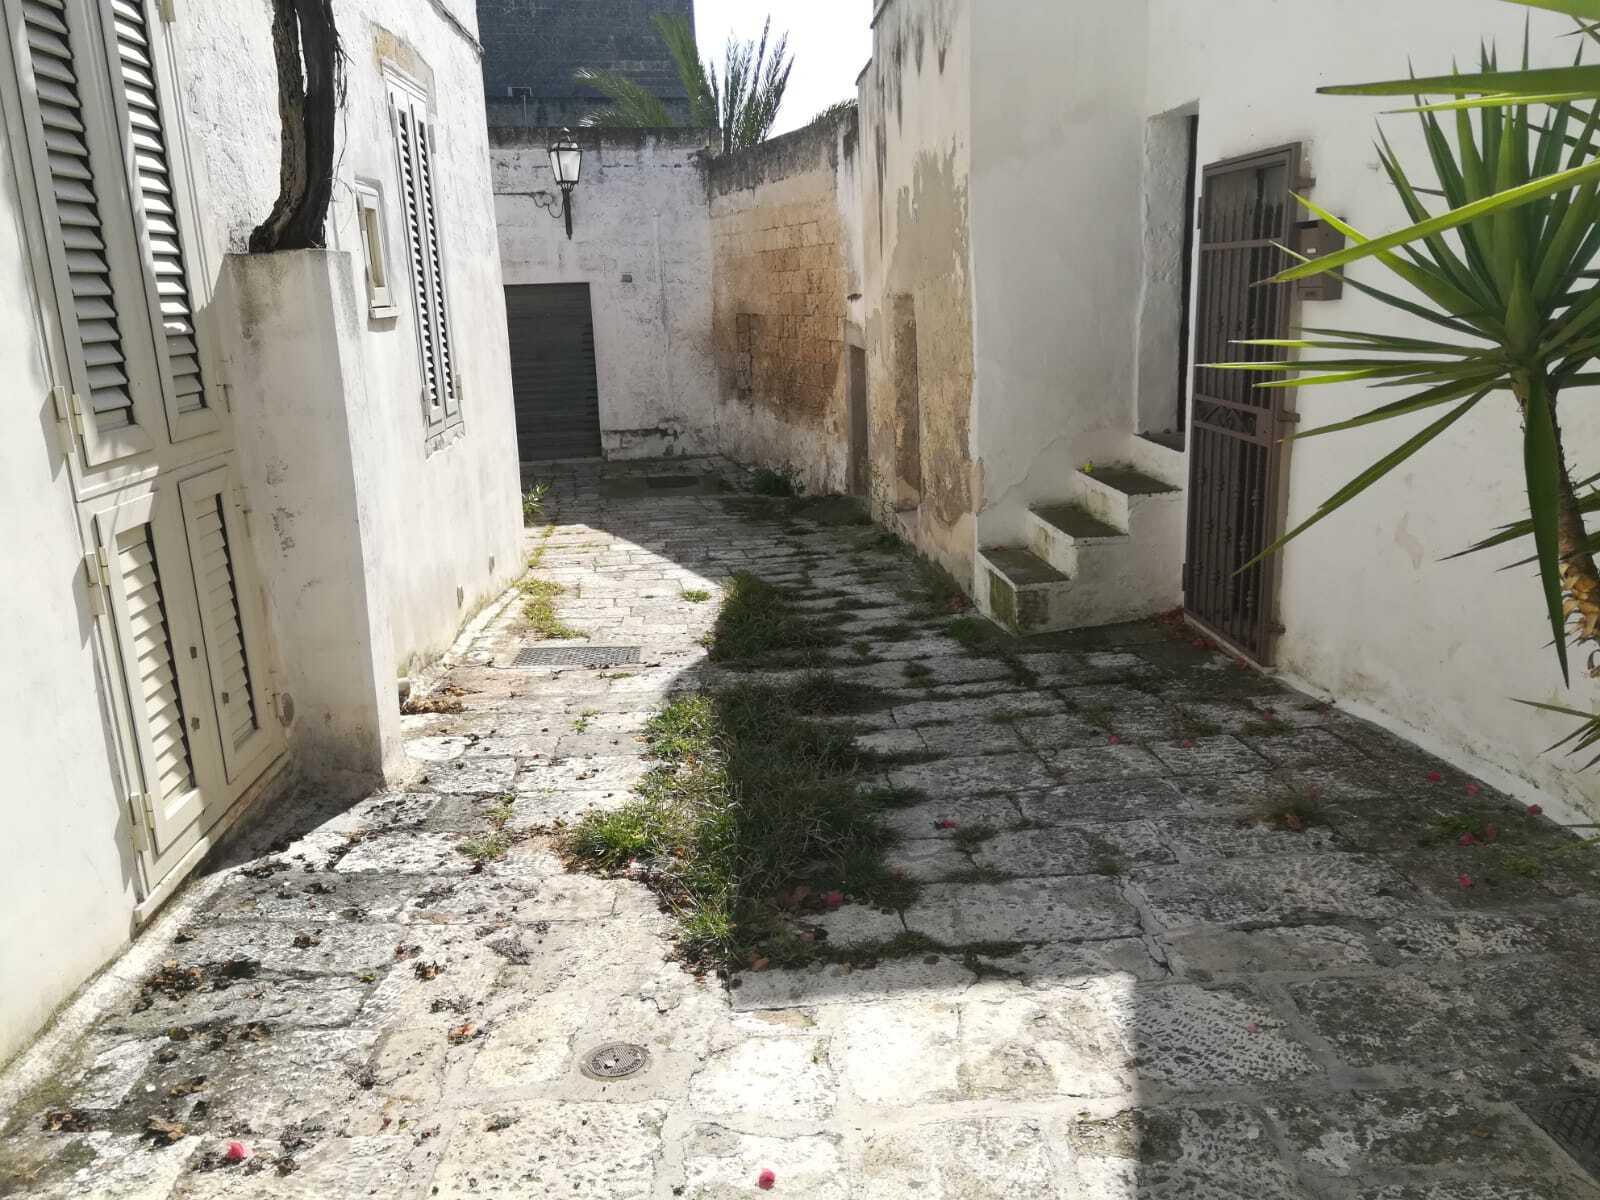 Oria abbandono centro storico